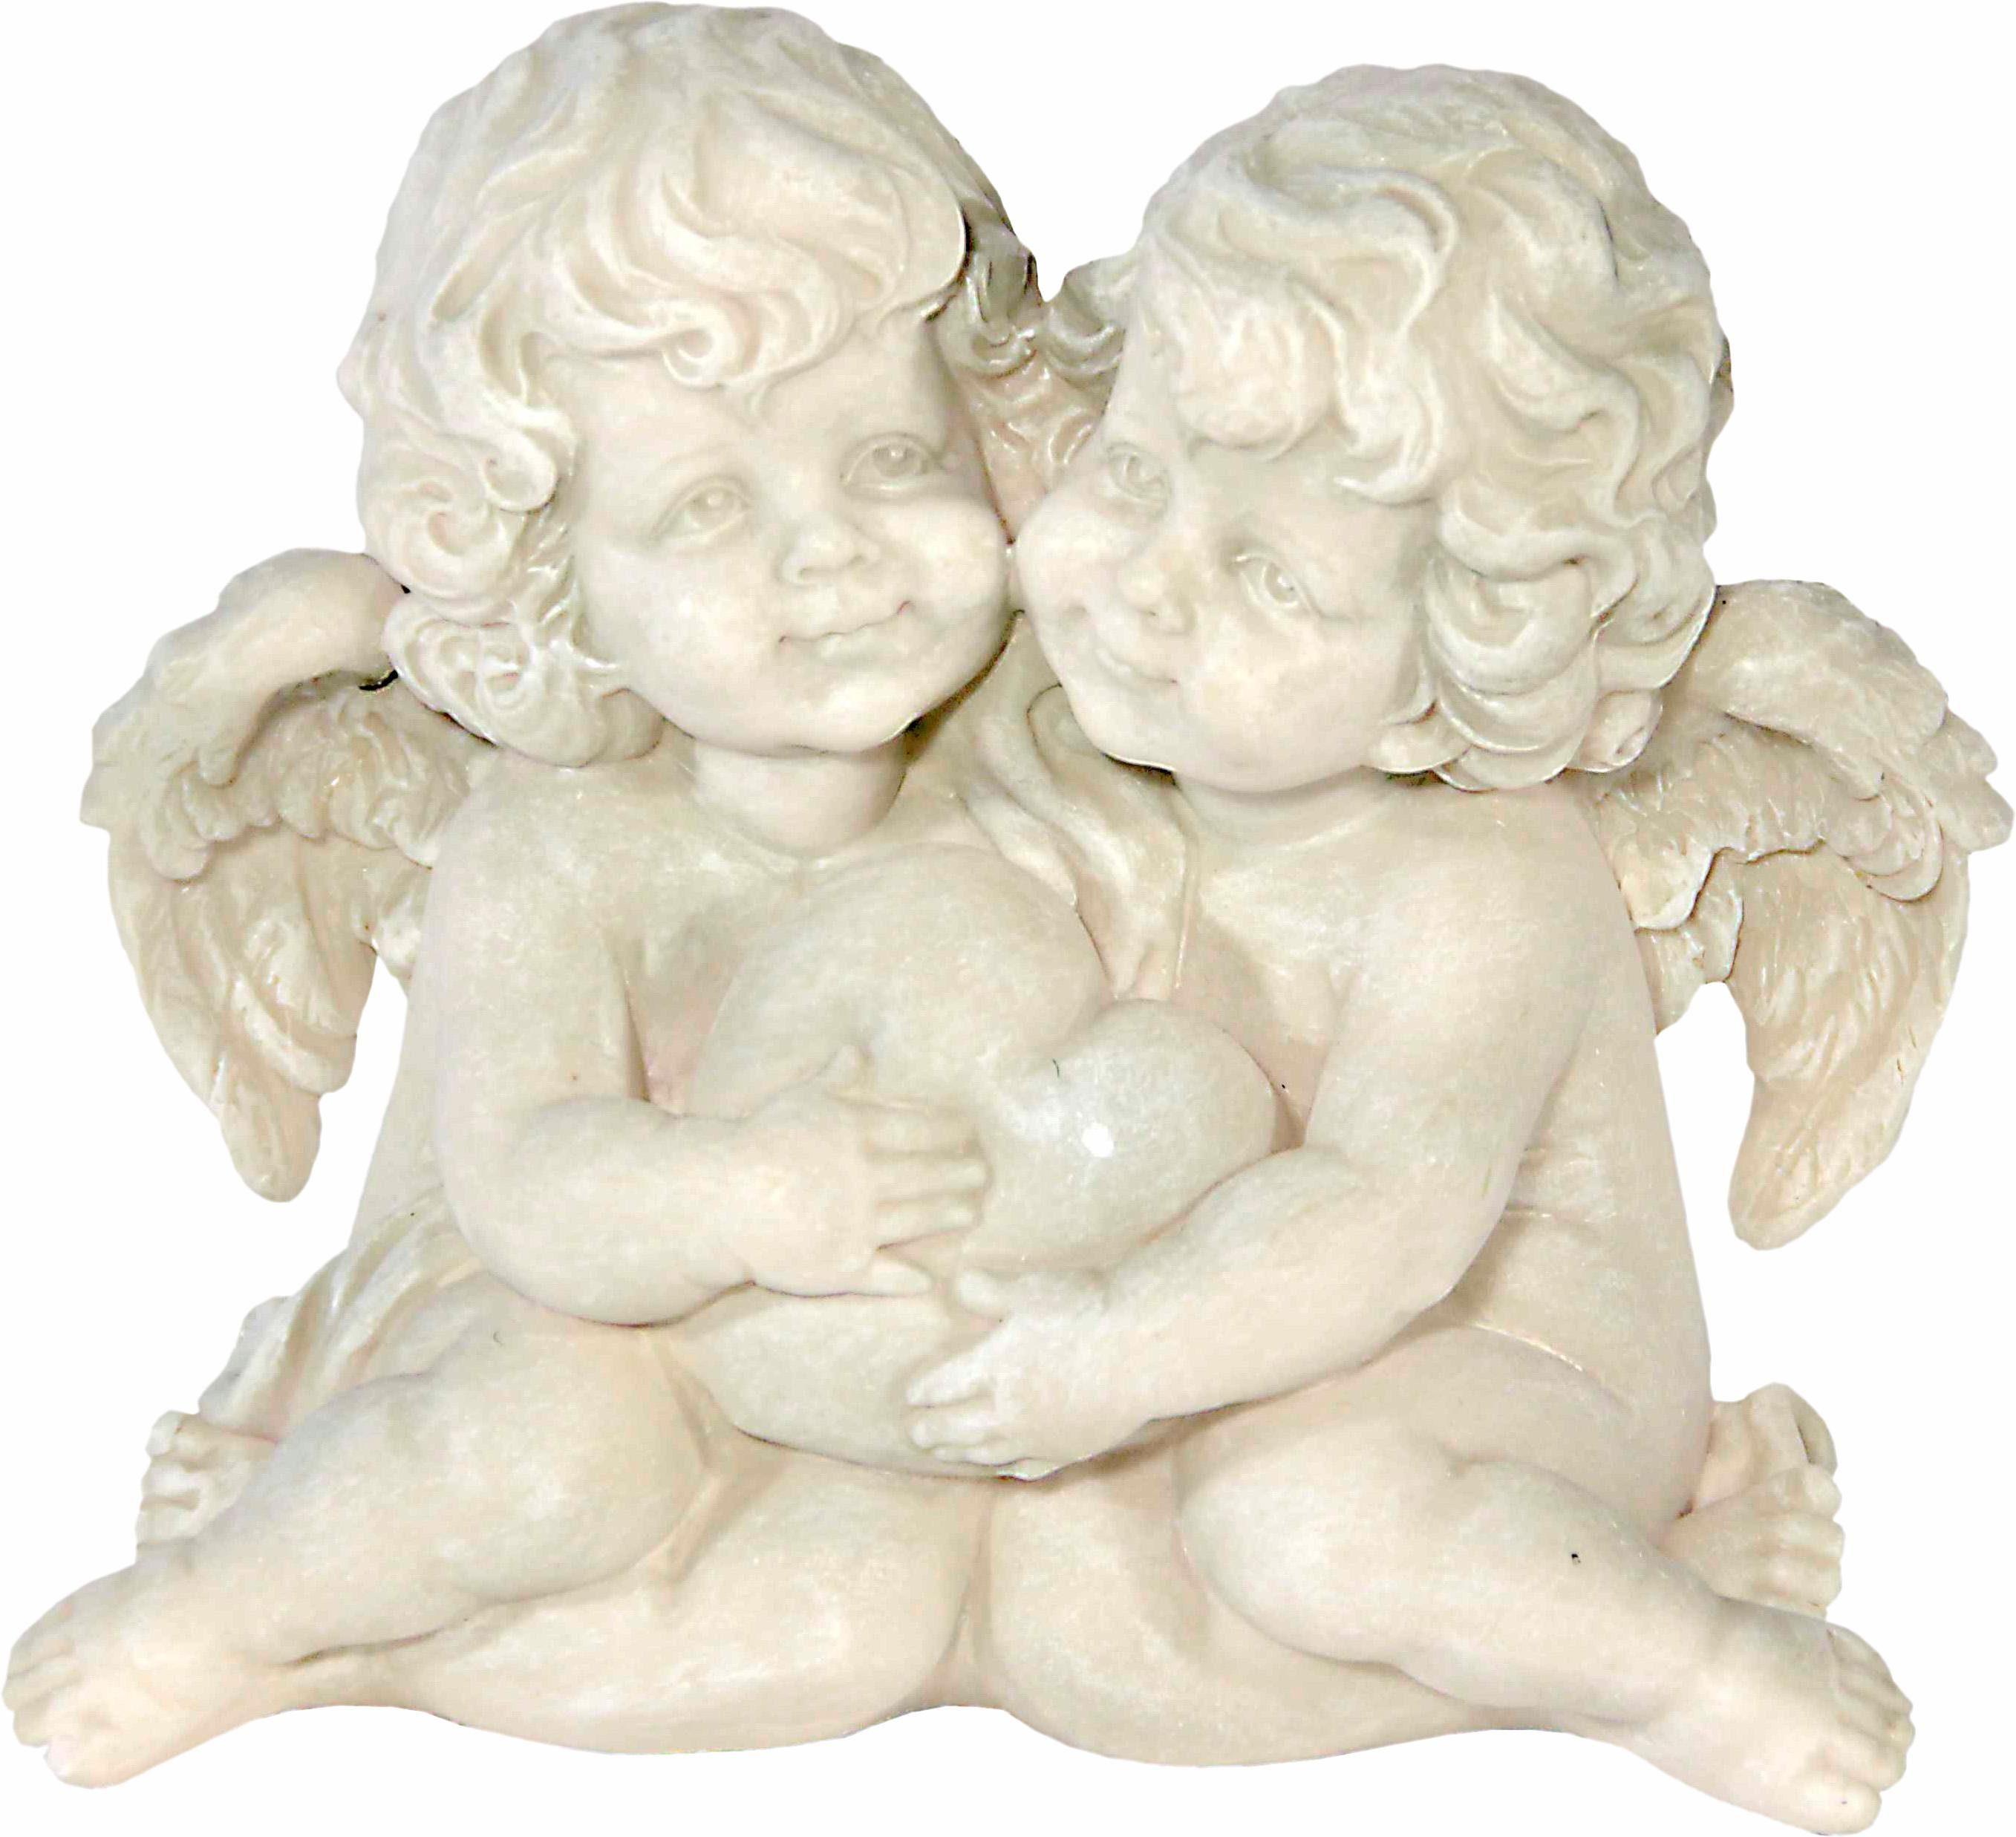 Home affaire Dekofigur »Zwei Engel mit Herz, H 14 cm, B 15 cm«